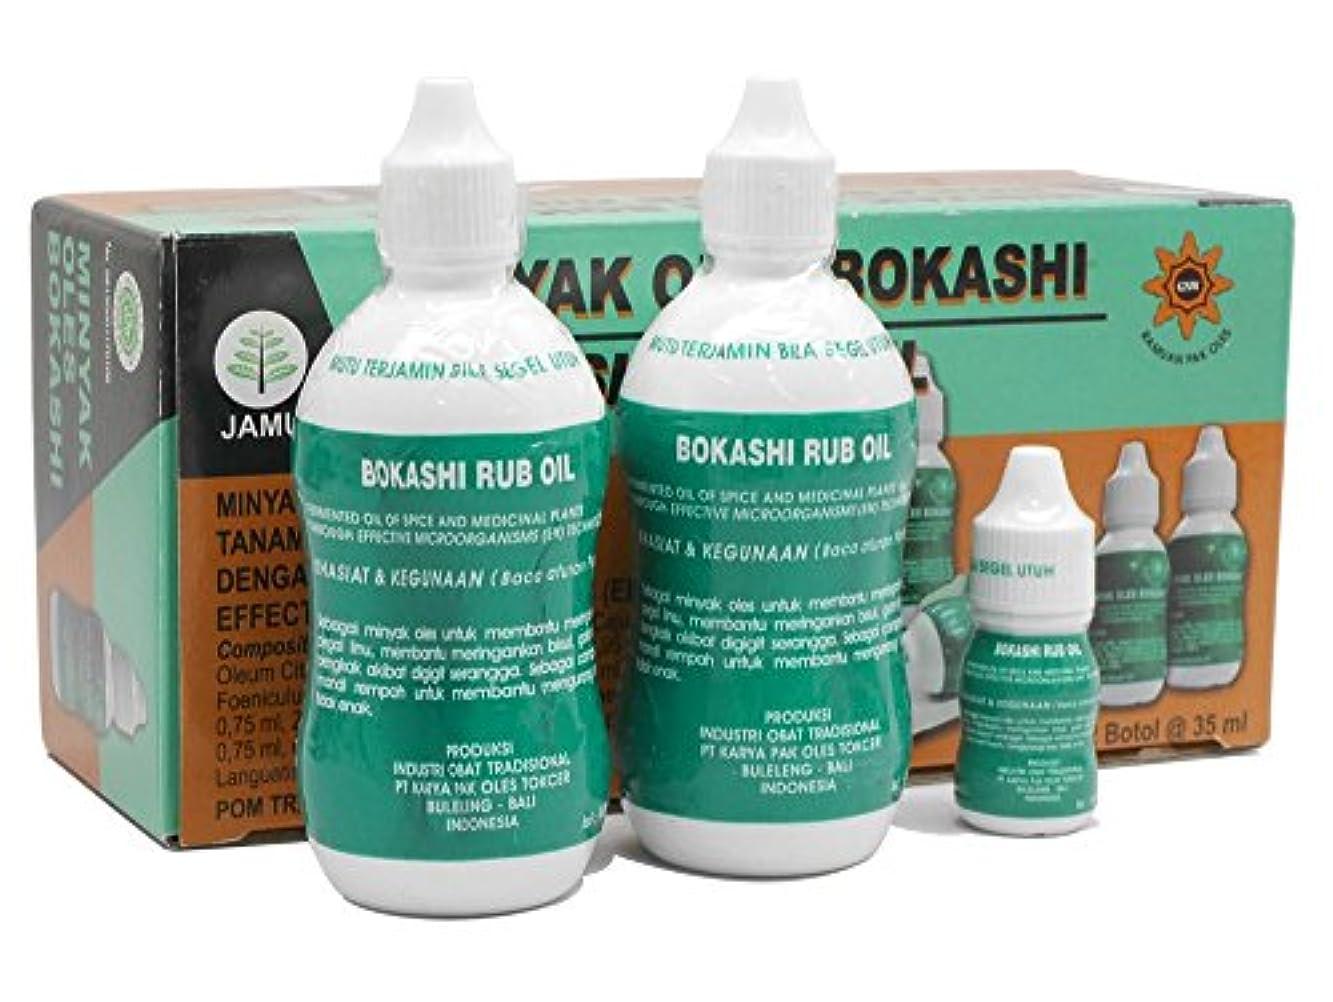 パウダー不規則なインポートBOKASHI RUB OIL ボカシラブオイル 140ml (2本) 12ml (1本) 日本オリジナルモデル 日本正規代理店